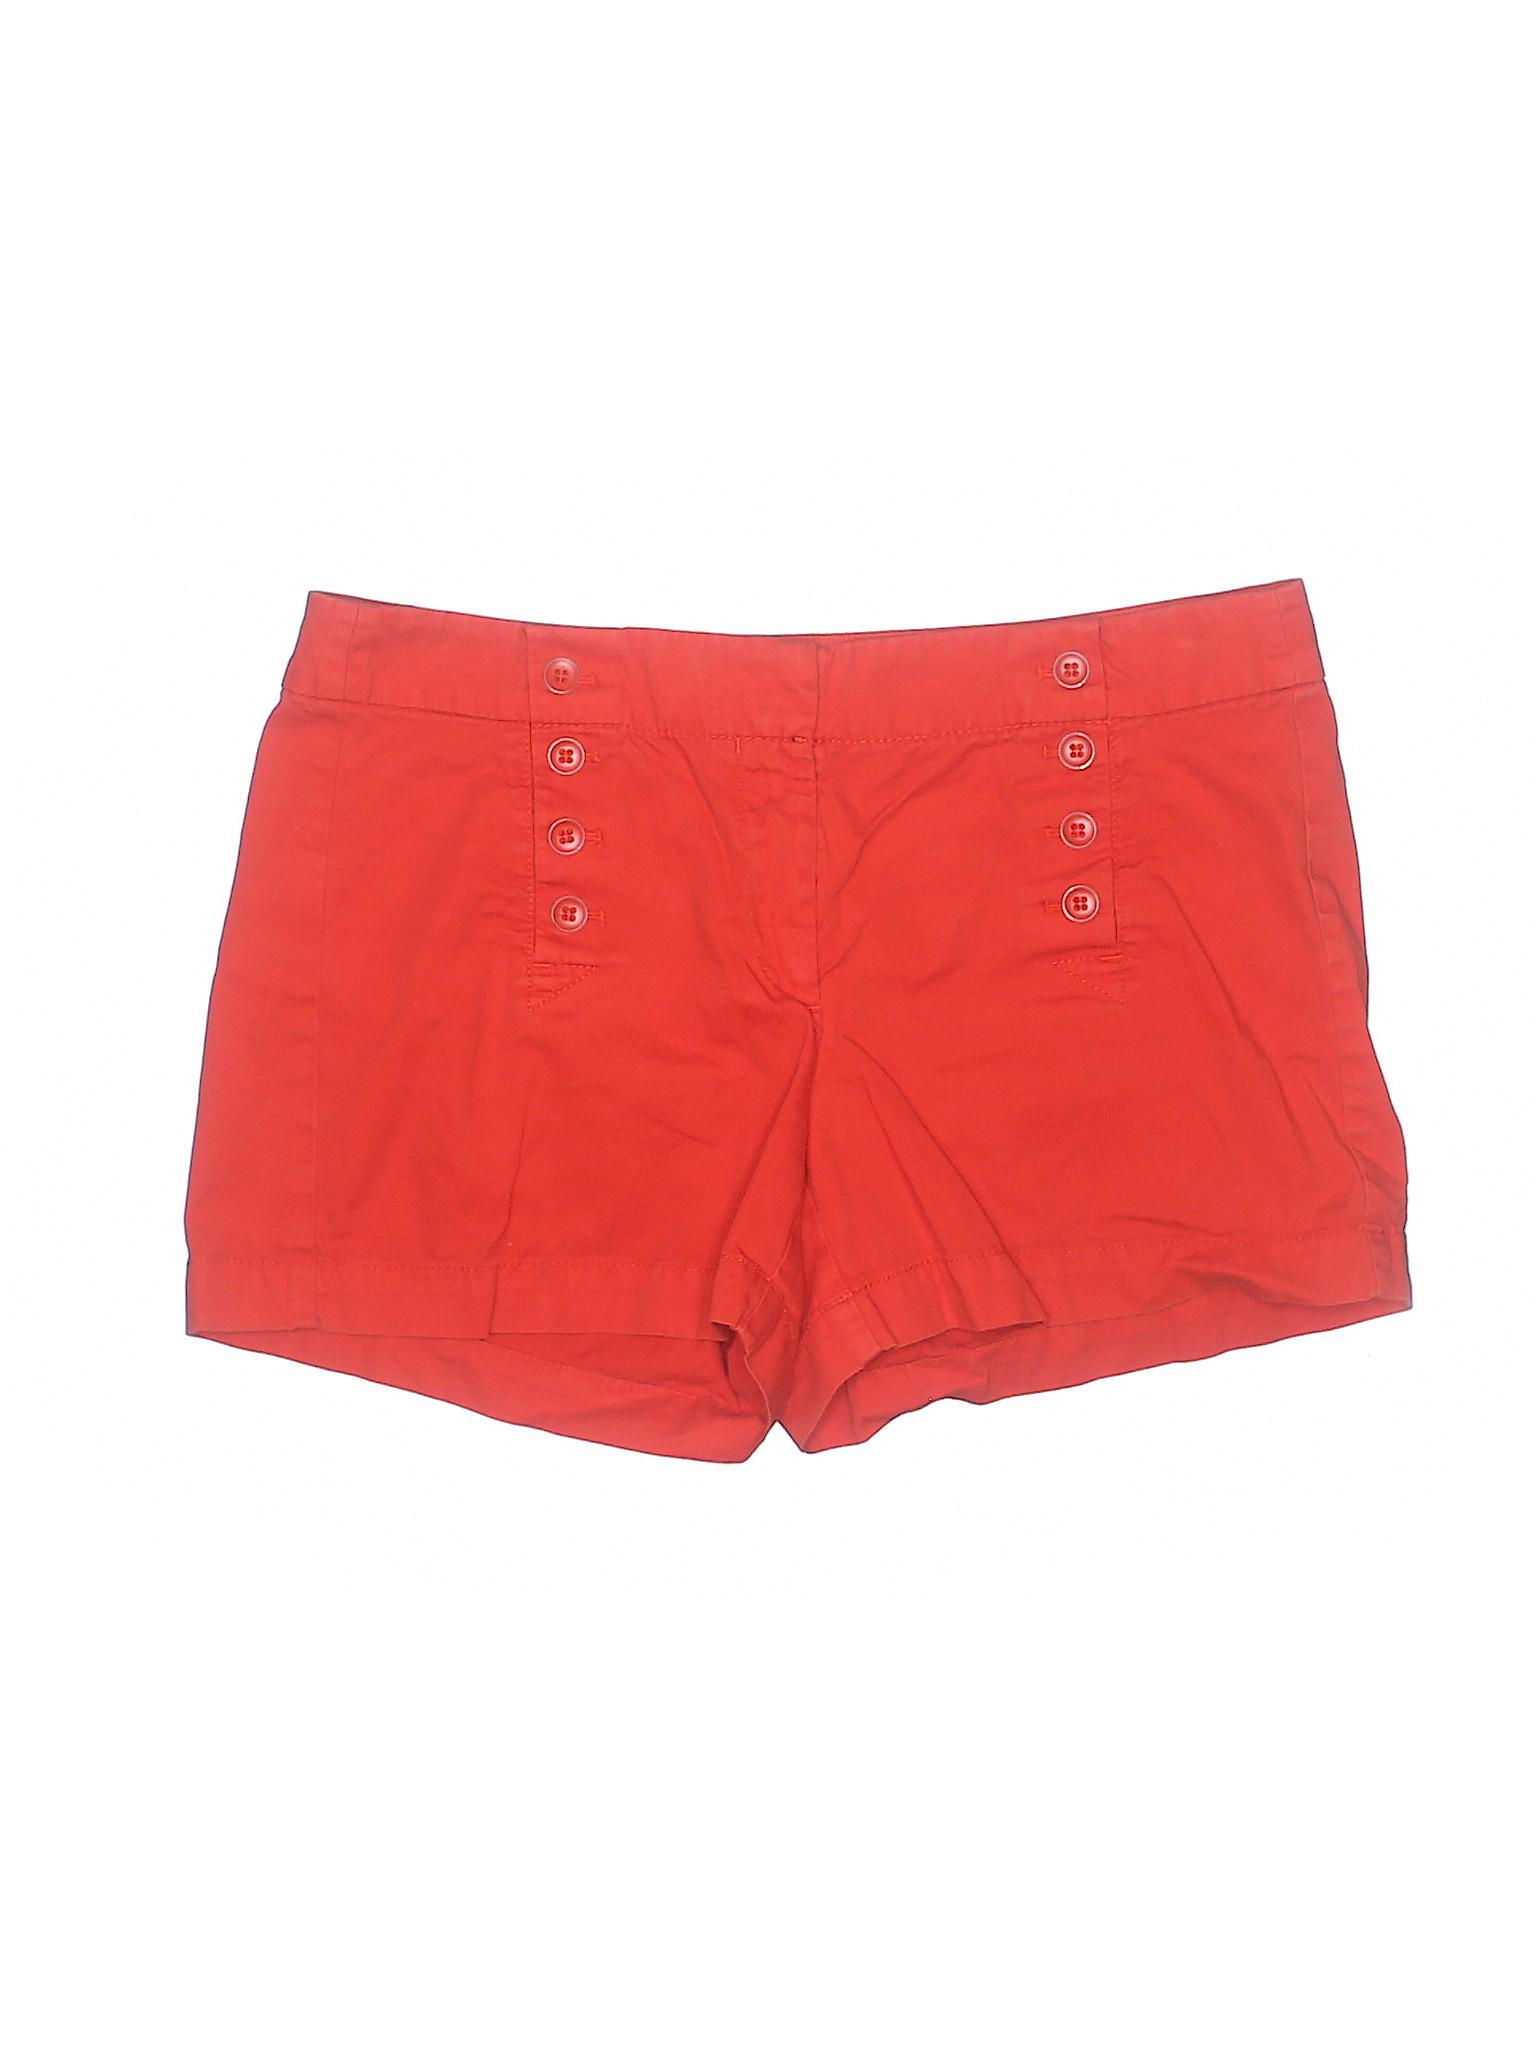 Khaki Taylor LOFT Shorts Ann Boutique leisure 1Fqx0qz